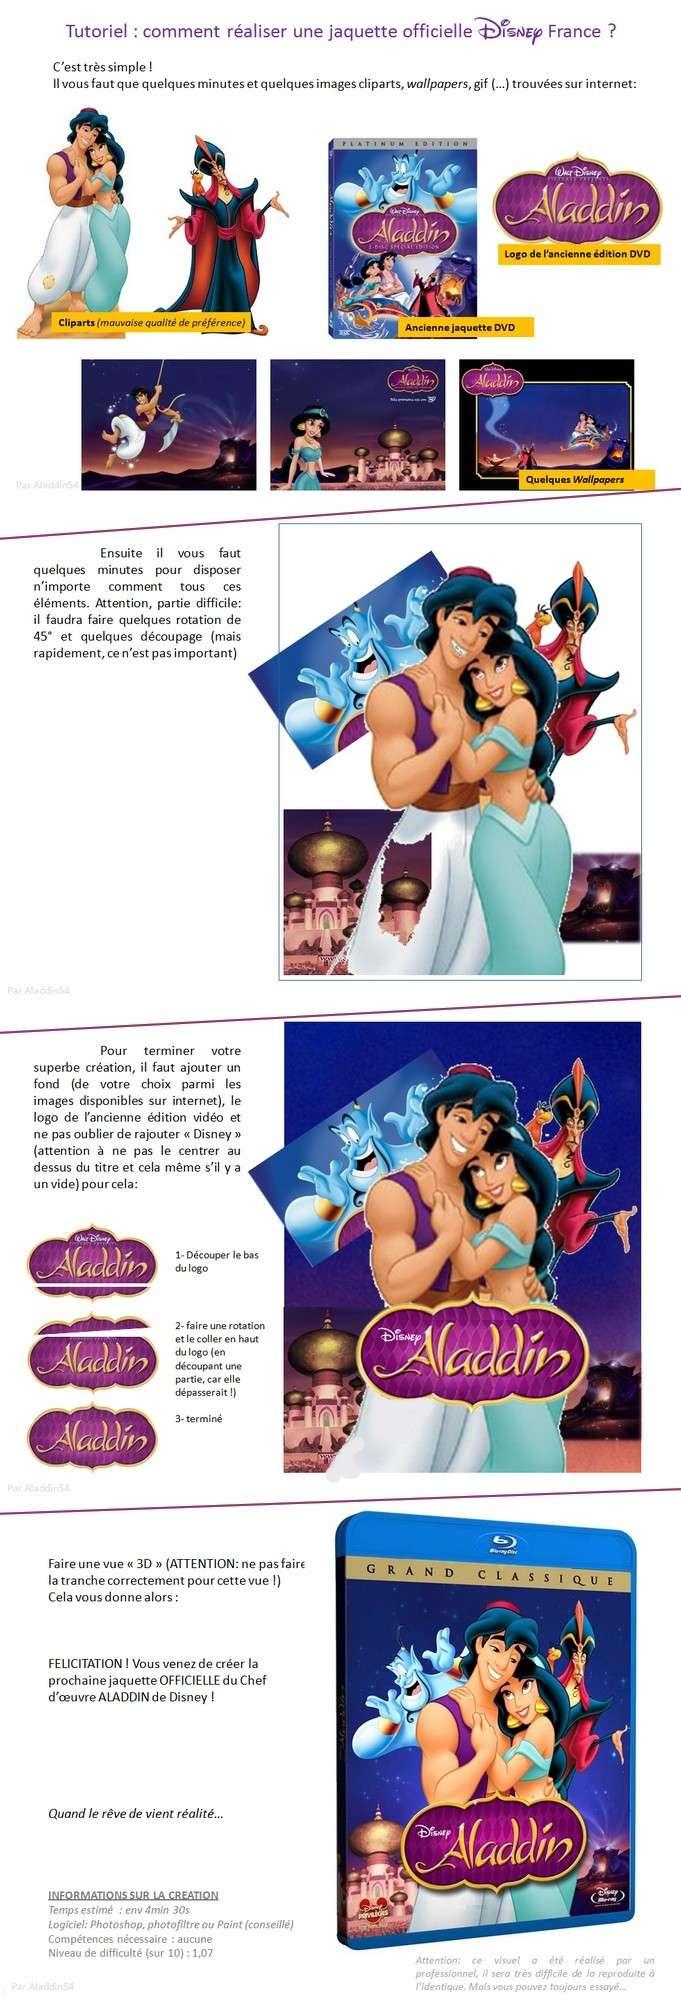 Disney Privilège: Votez pour votre jaquette préférée d'Aladdin [Protestation et nouvelle jaquette proposée !] - Page 12 Tuto_a10